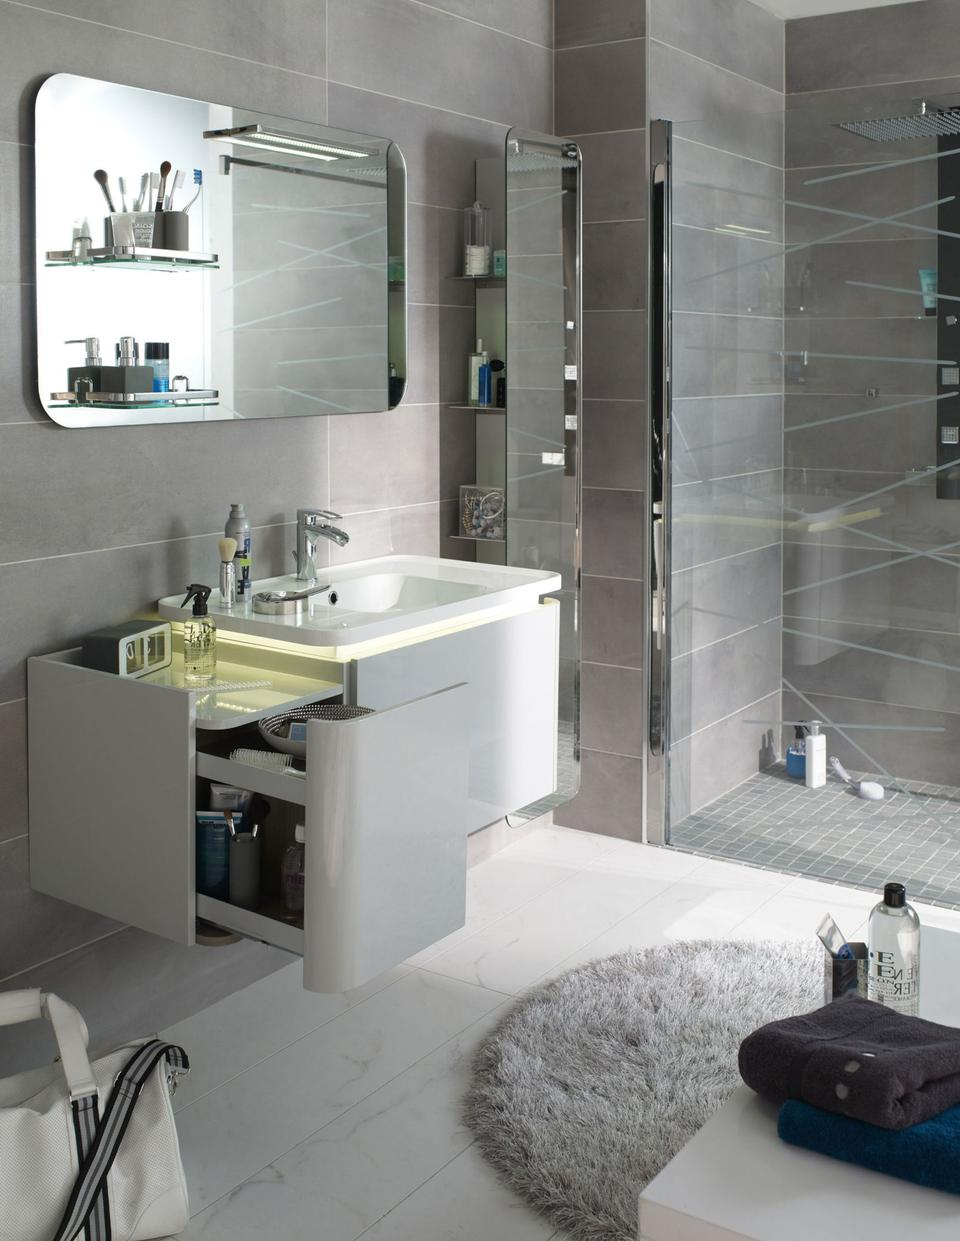 10 astuces pour am nager une petite salle de bains - Amenagement petite salle de bain avec baignoire ...